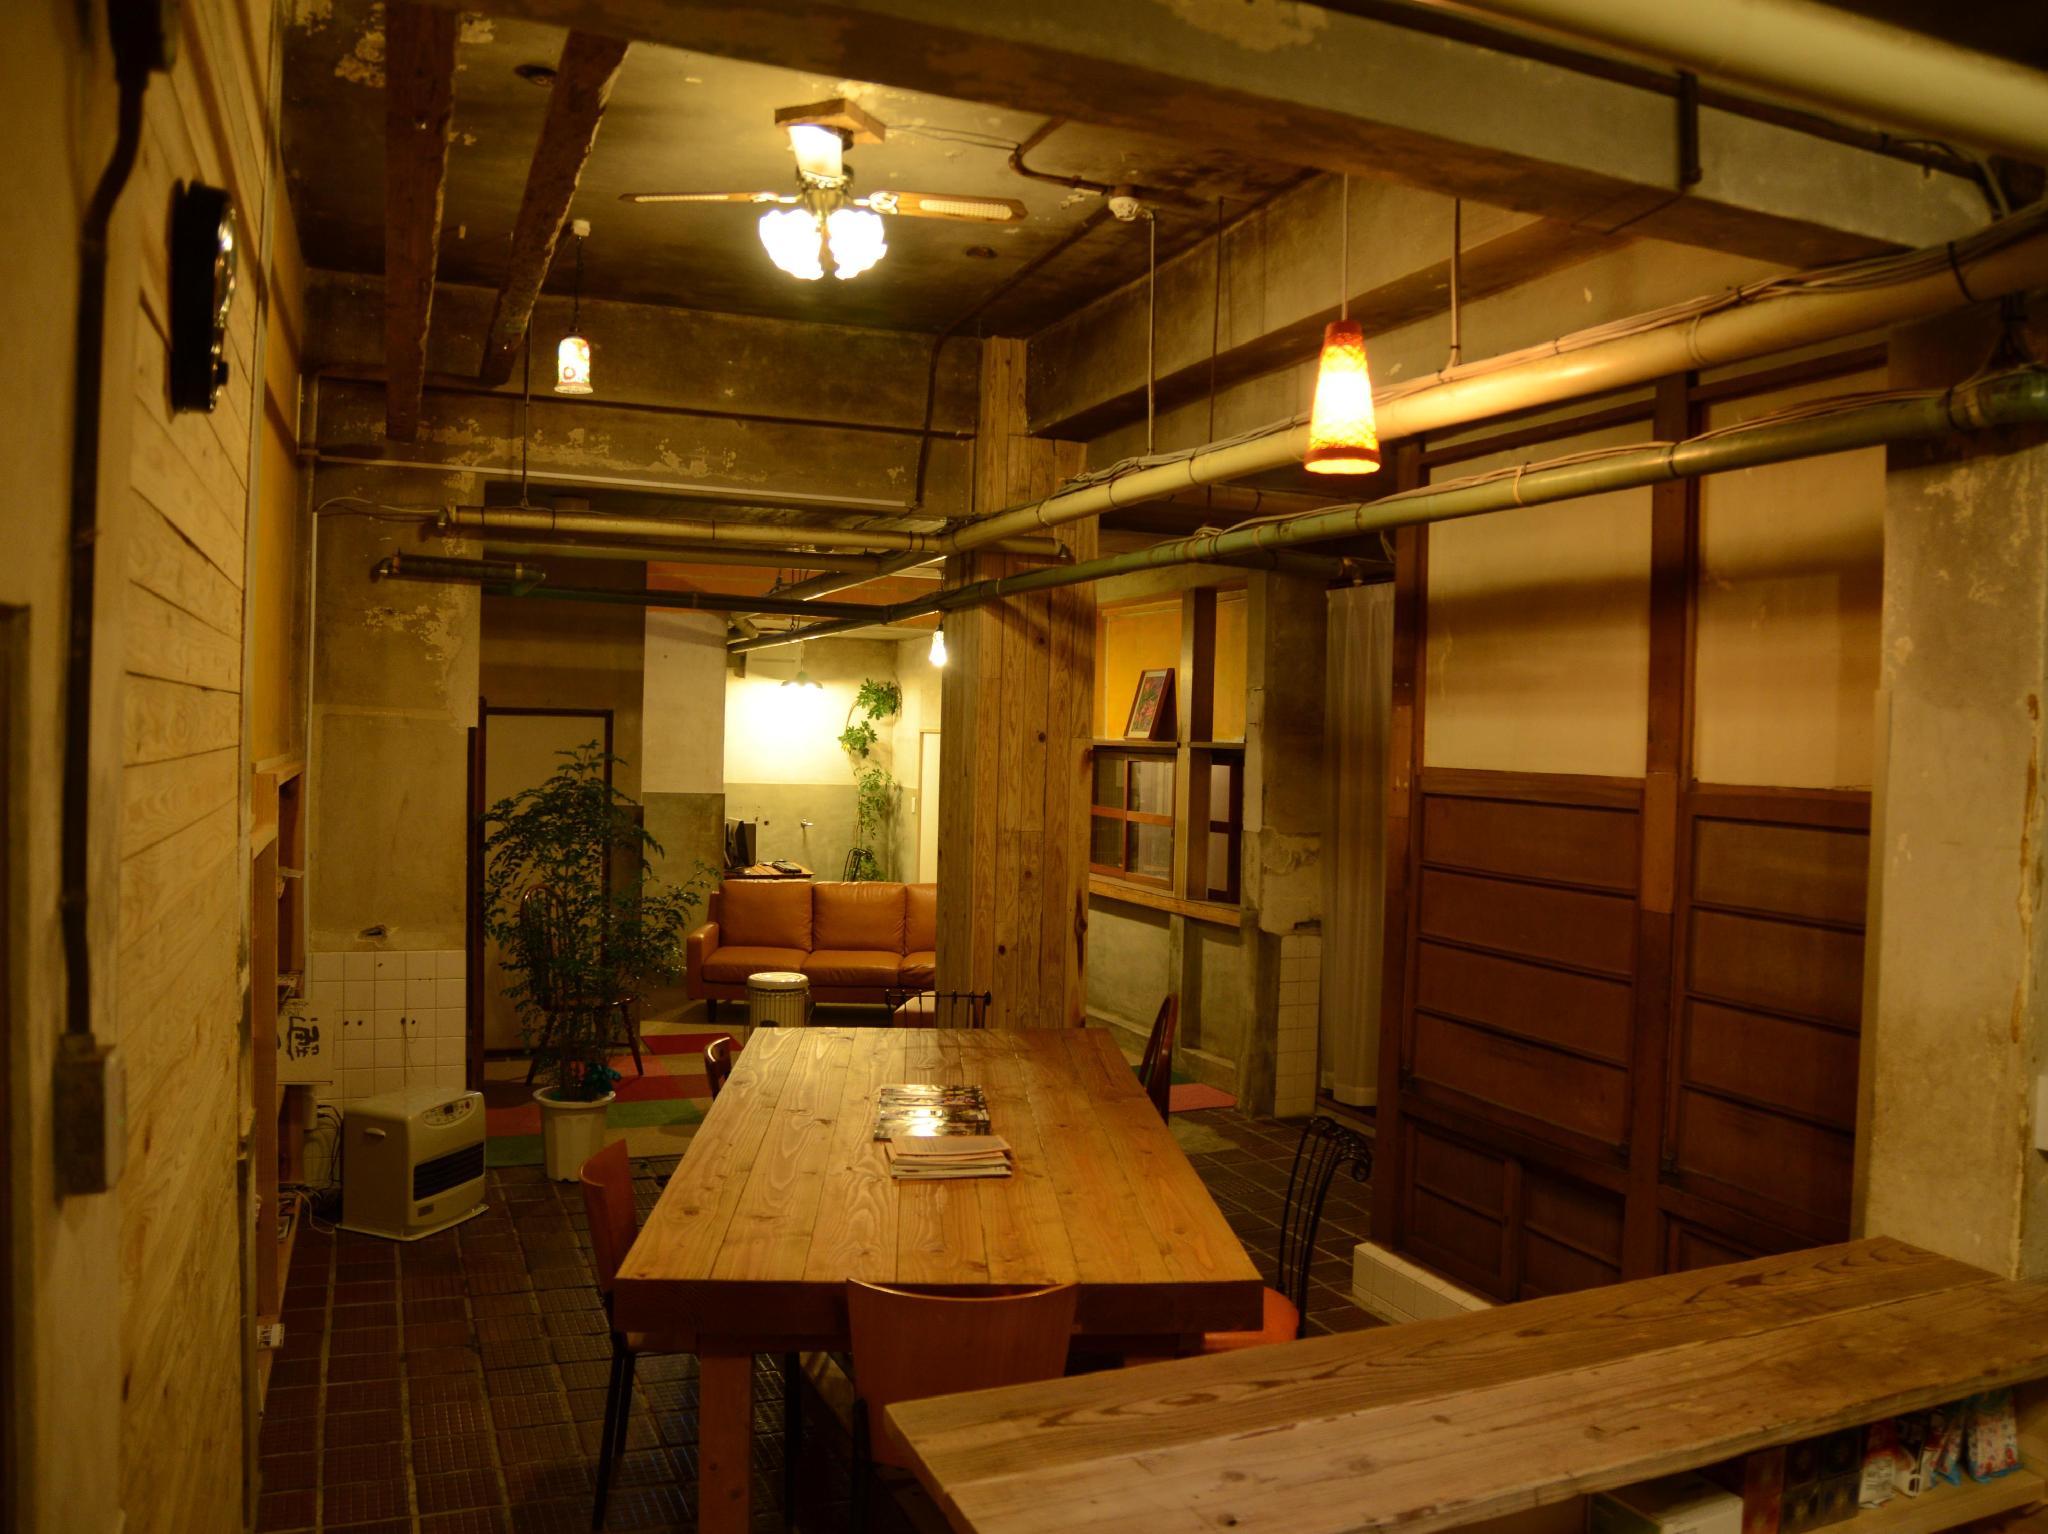 鹿園酒店 The Deer Park Inn